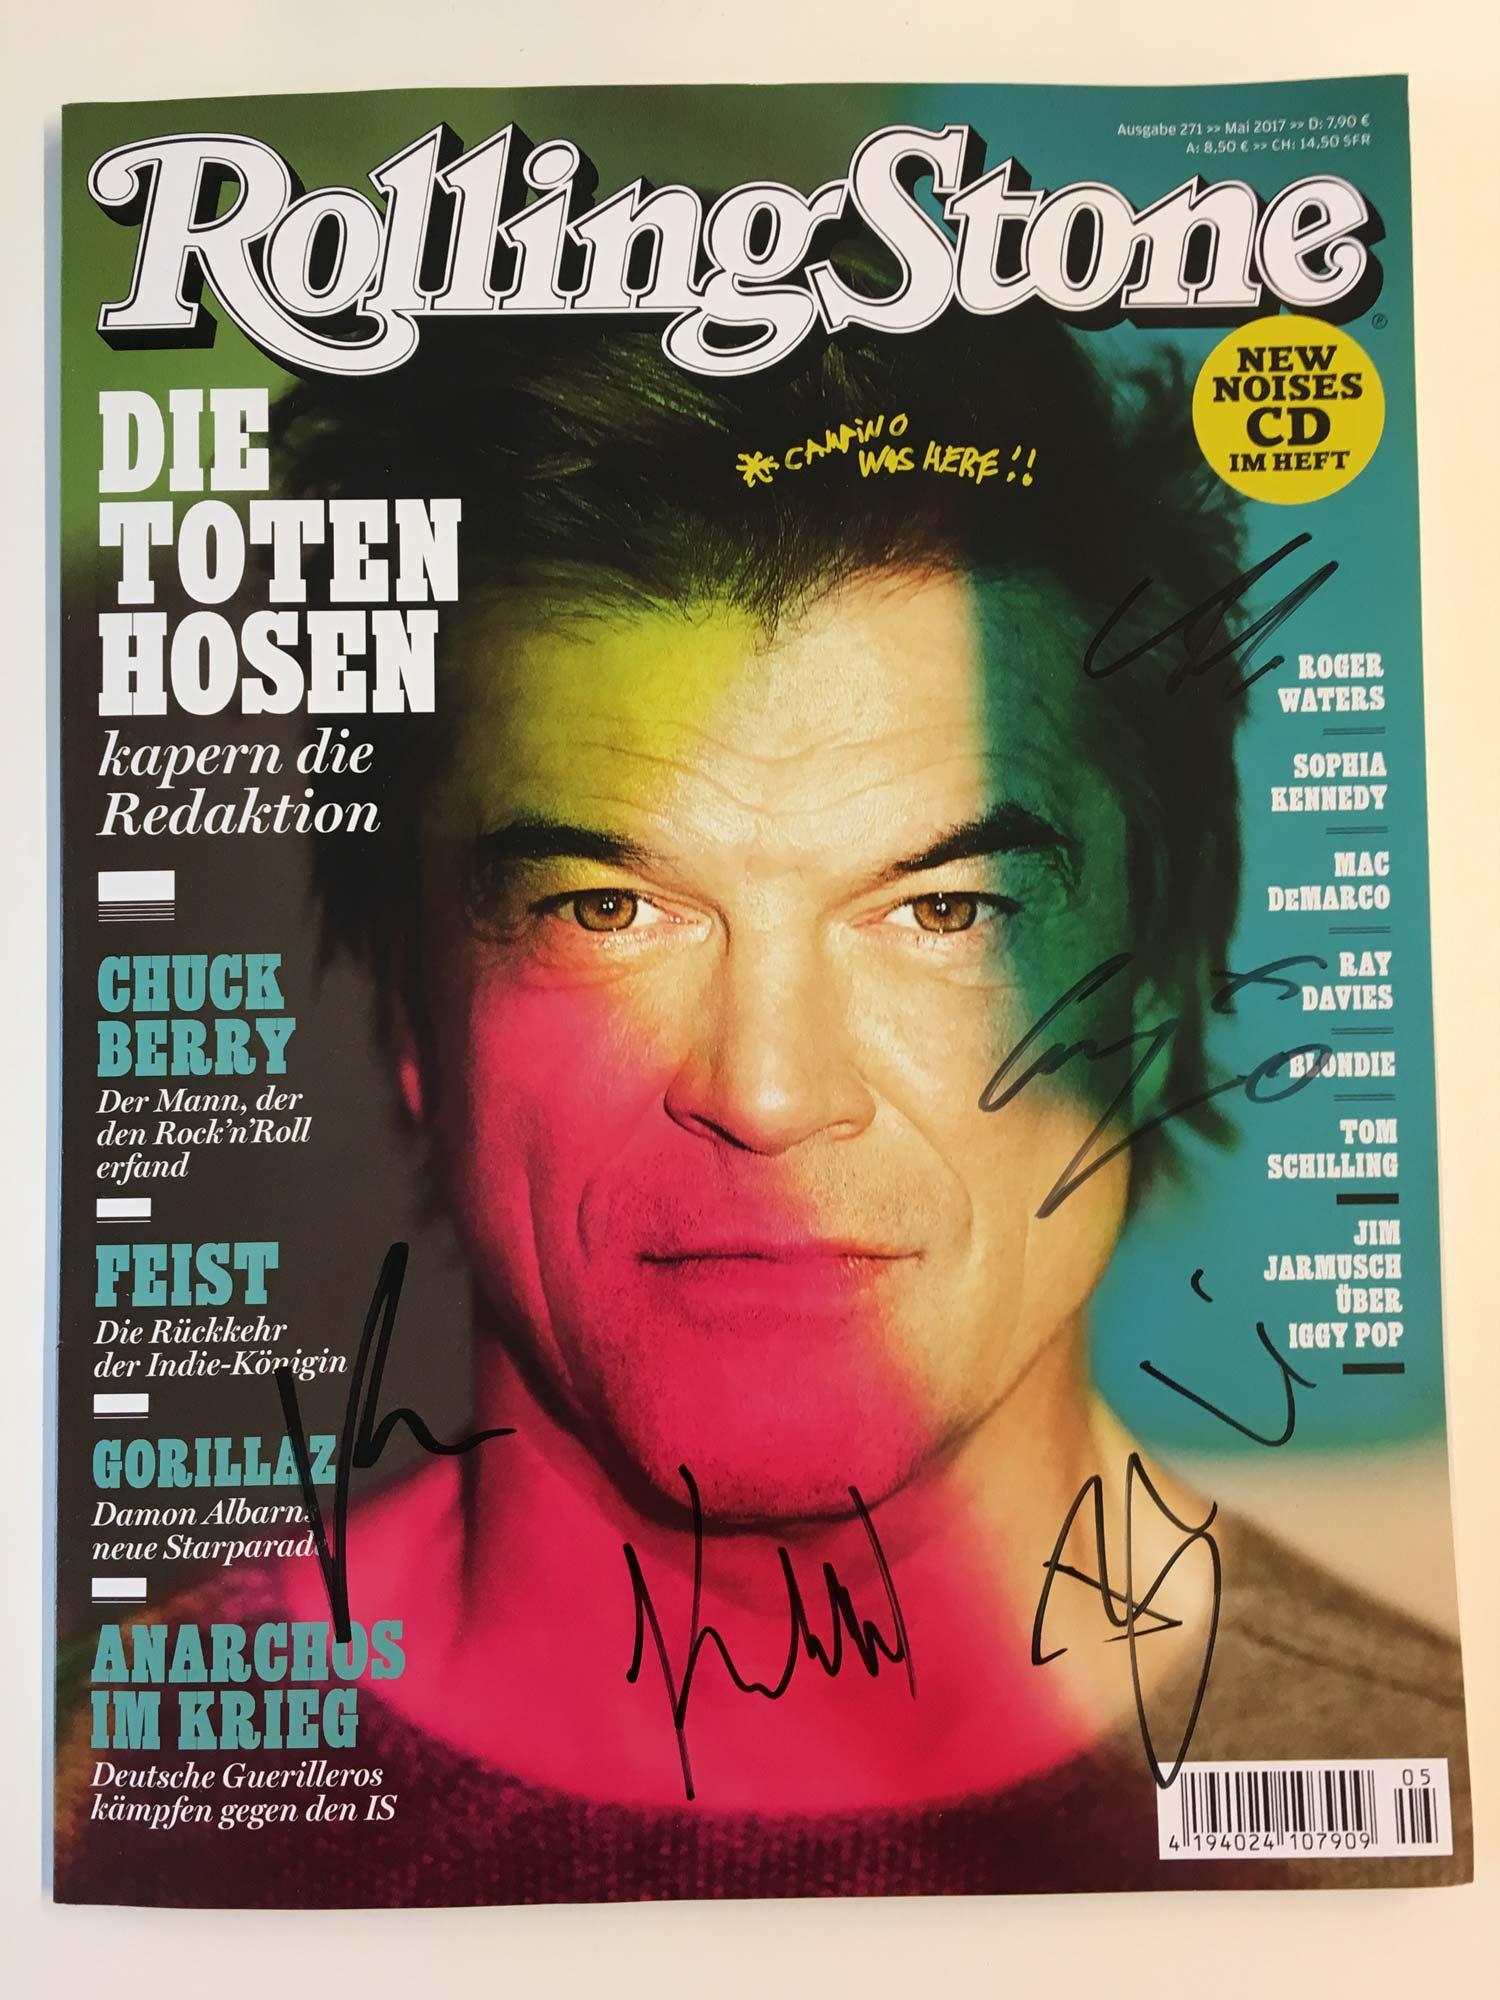 Die Mai-Ausgabe des ROLLING STONE – handsigniert von den Toten Hosen!